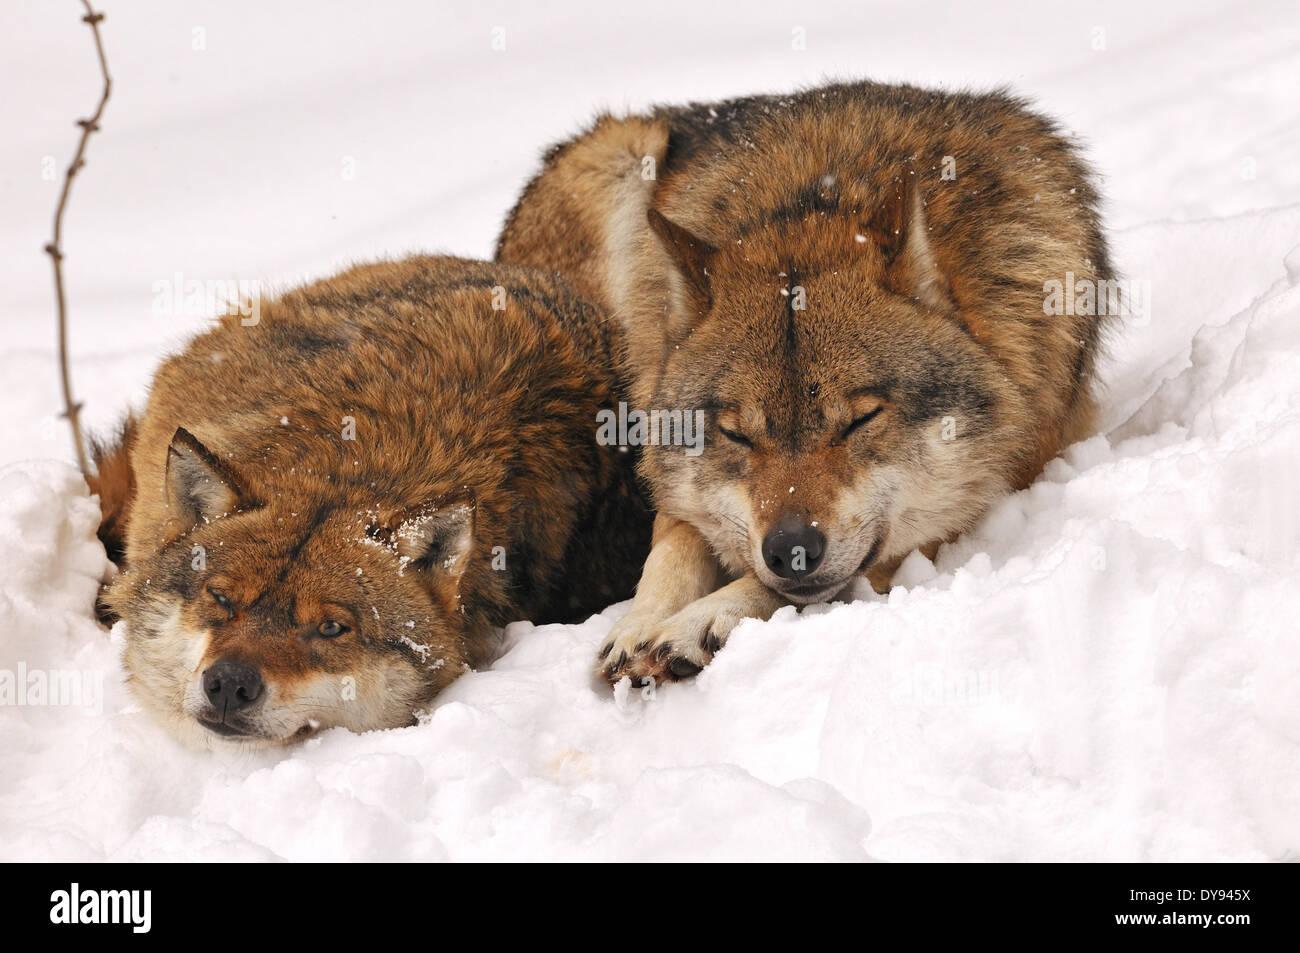 Canis Lupus Caniden europäischer Wolf grauer Wolf Raubtiere Wölfe Raubtier Wolf Winter Schnee kalt Frost Canine Tier Keim Stockbild